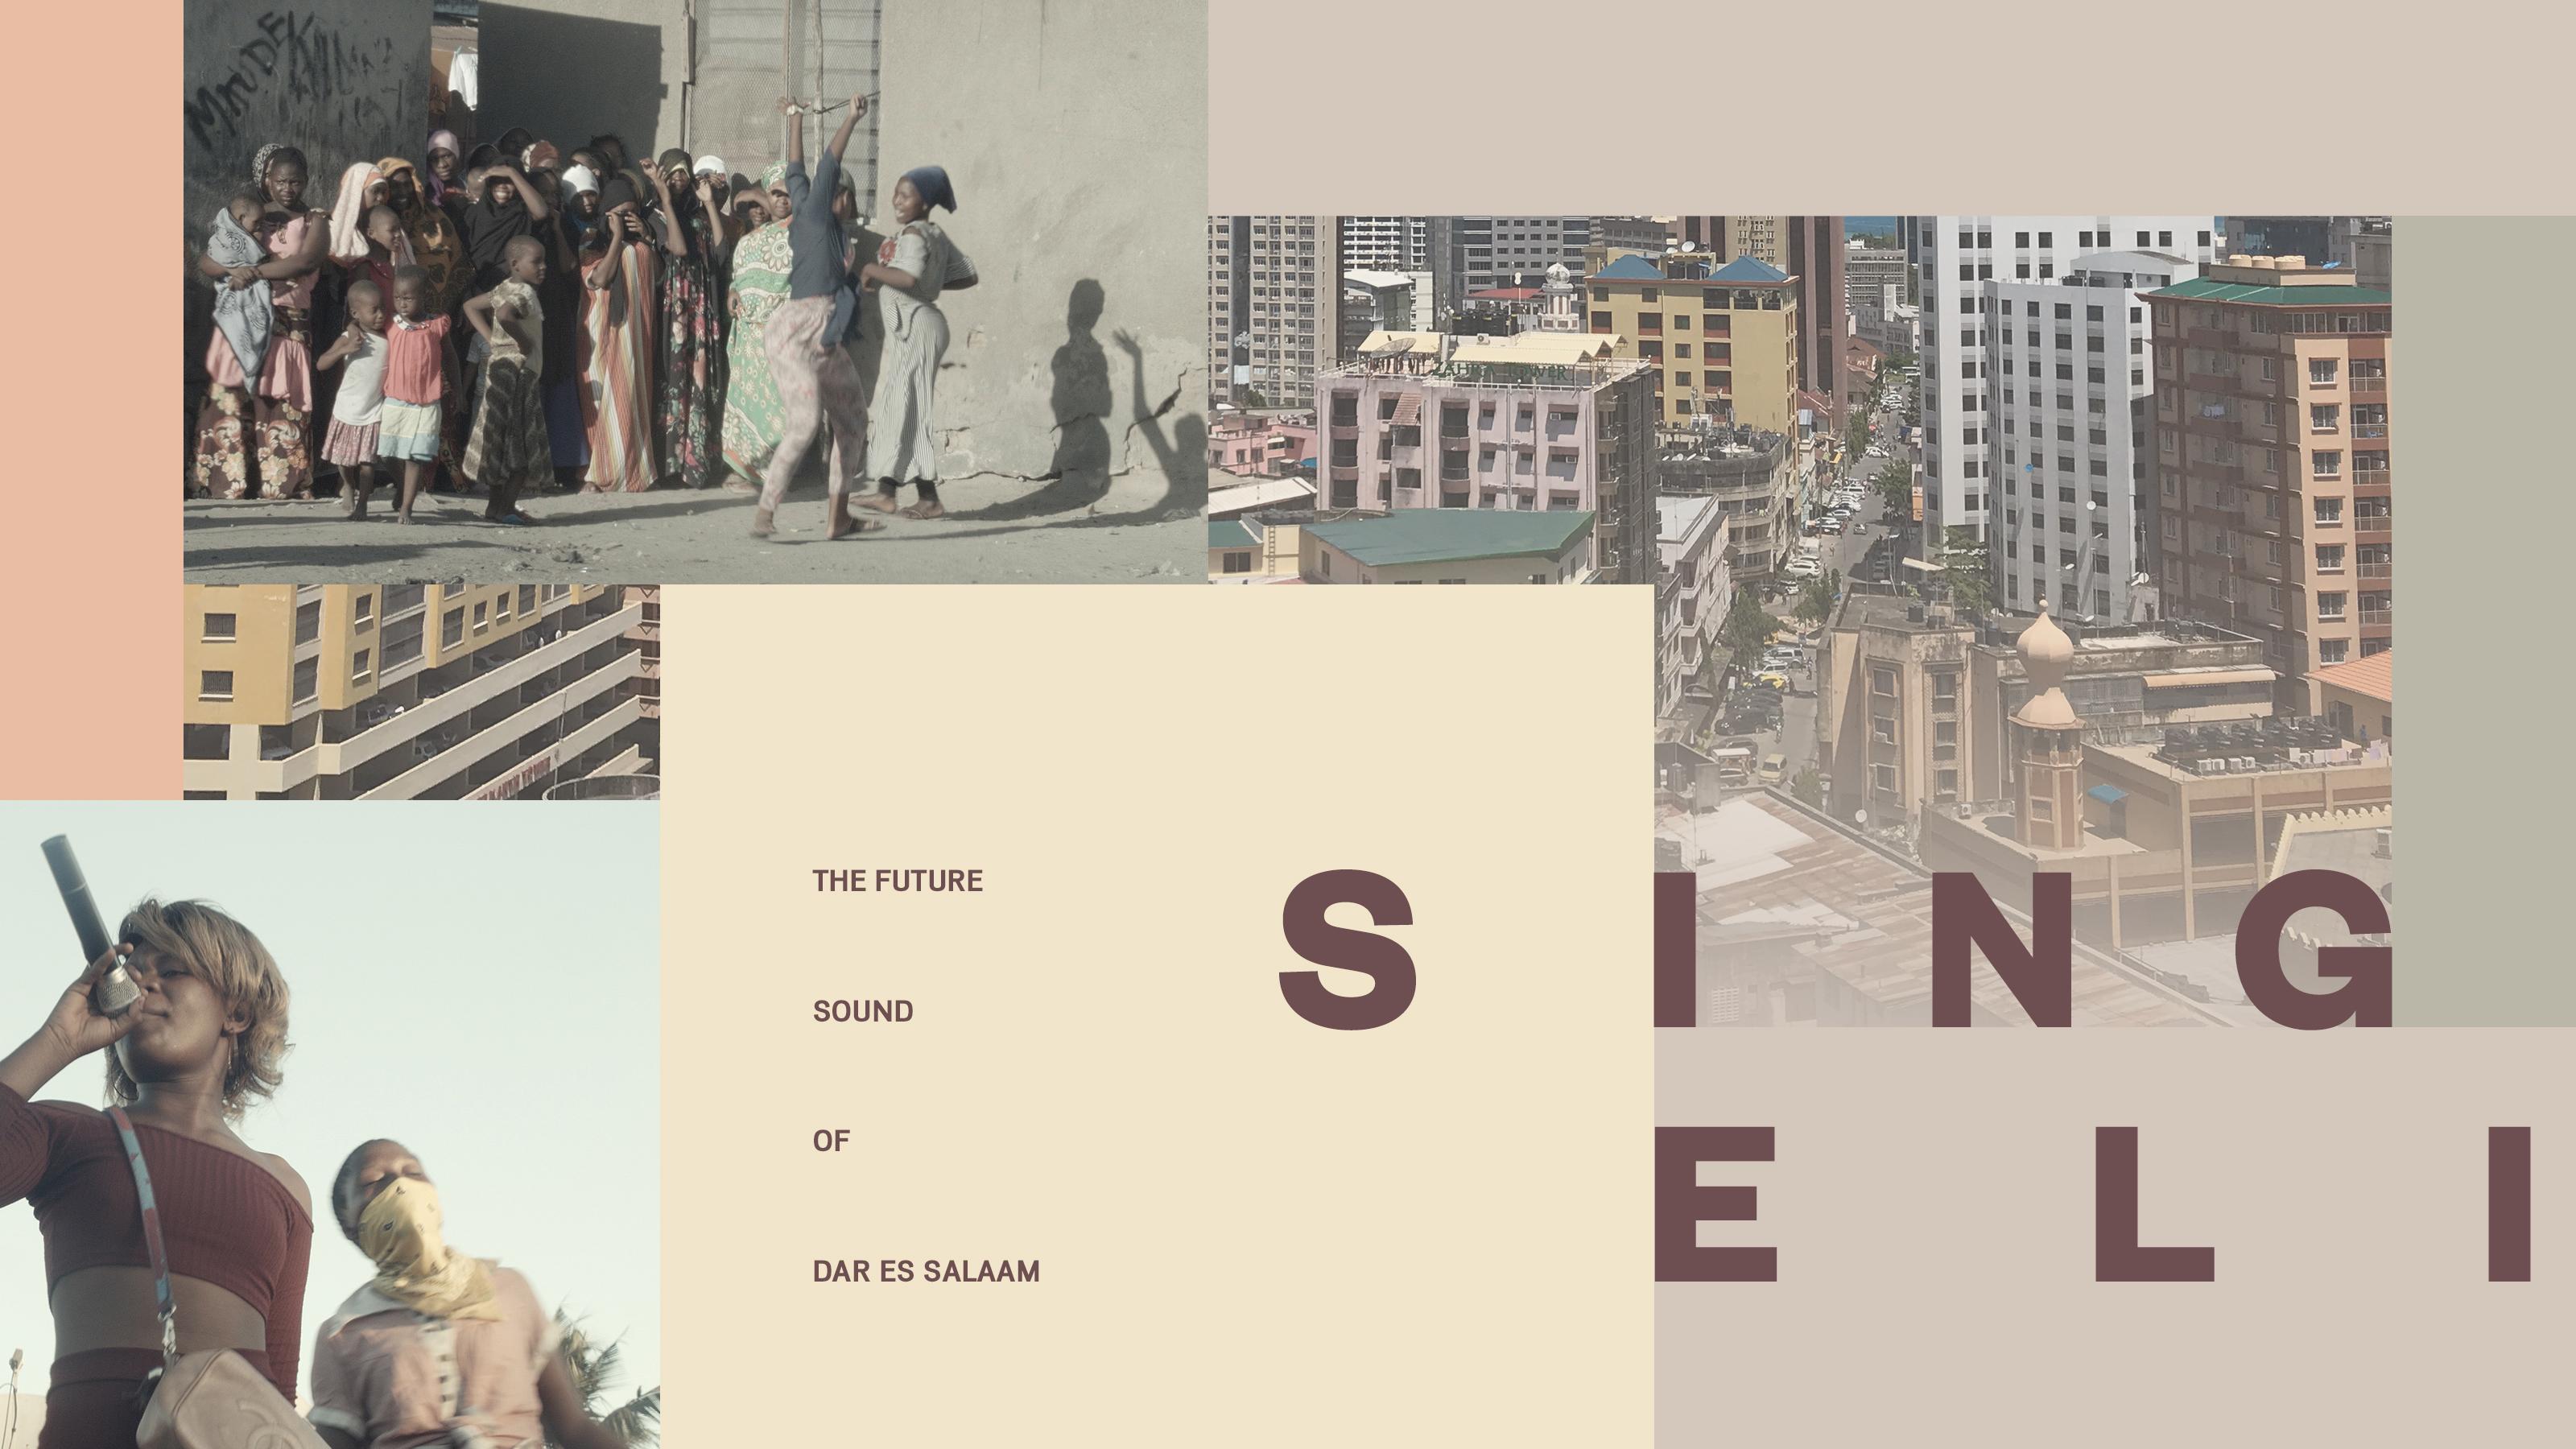 Singeli: The future sound of Dar Es Salaam